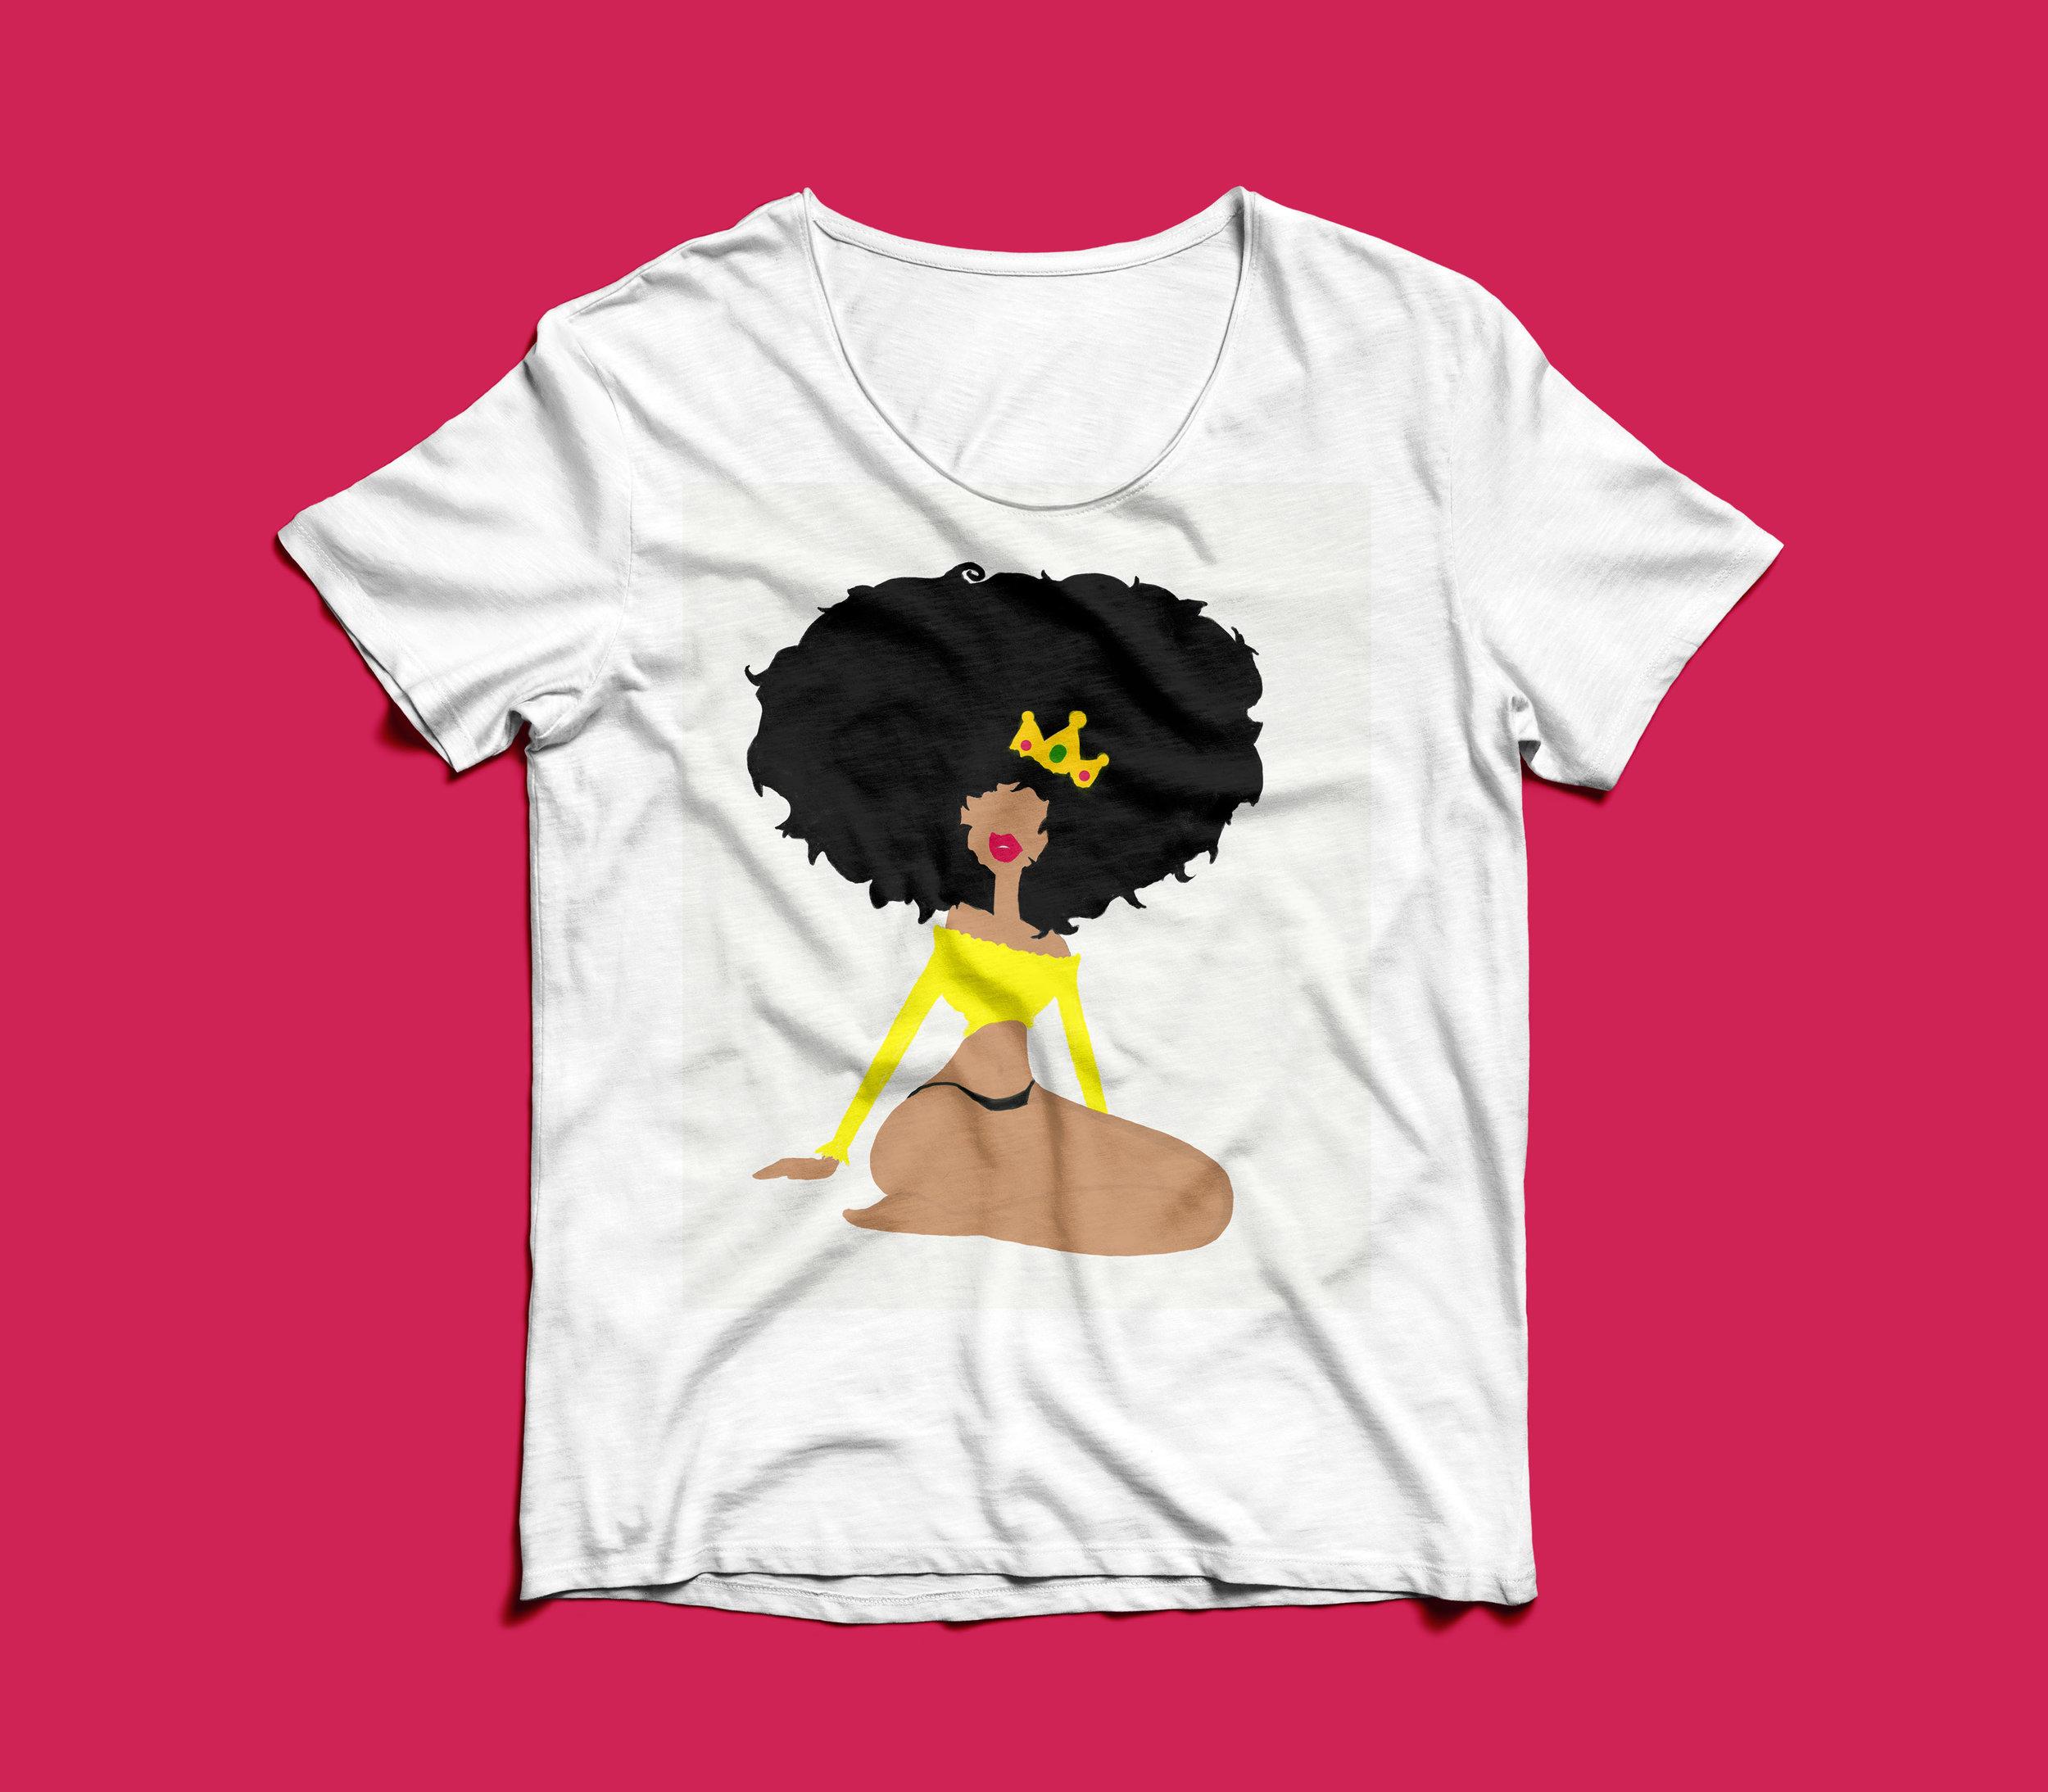 PeekABoo_Queen_Tshirt.jpg